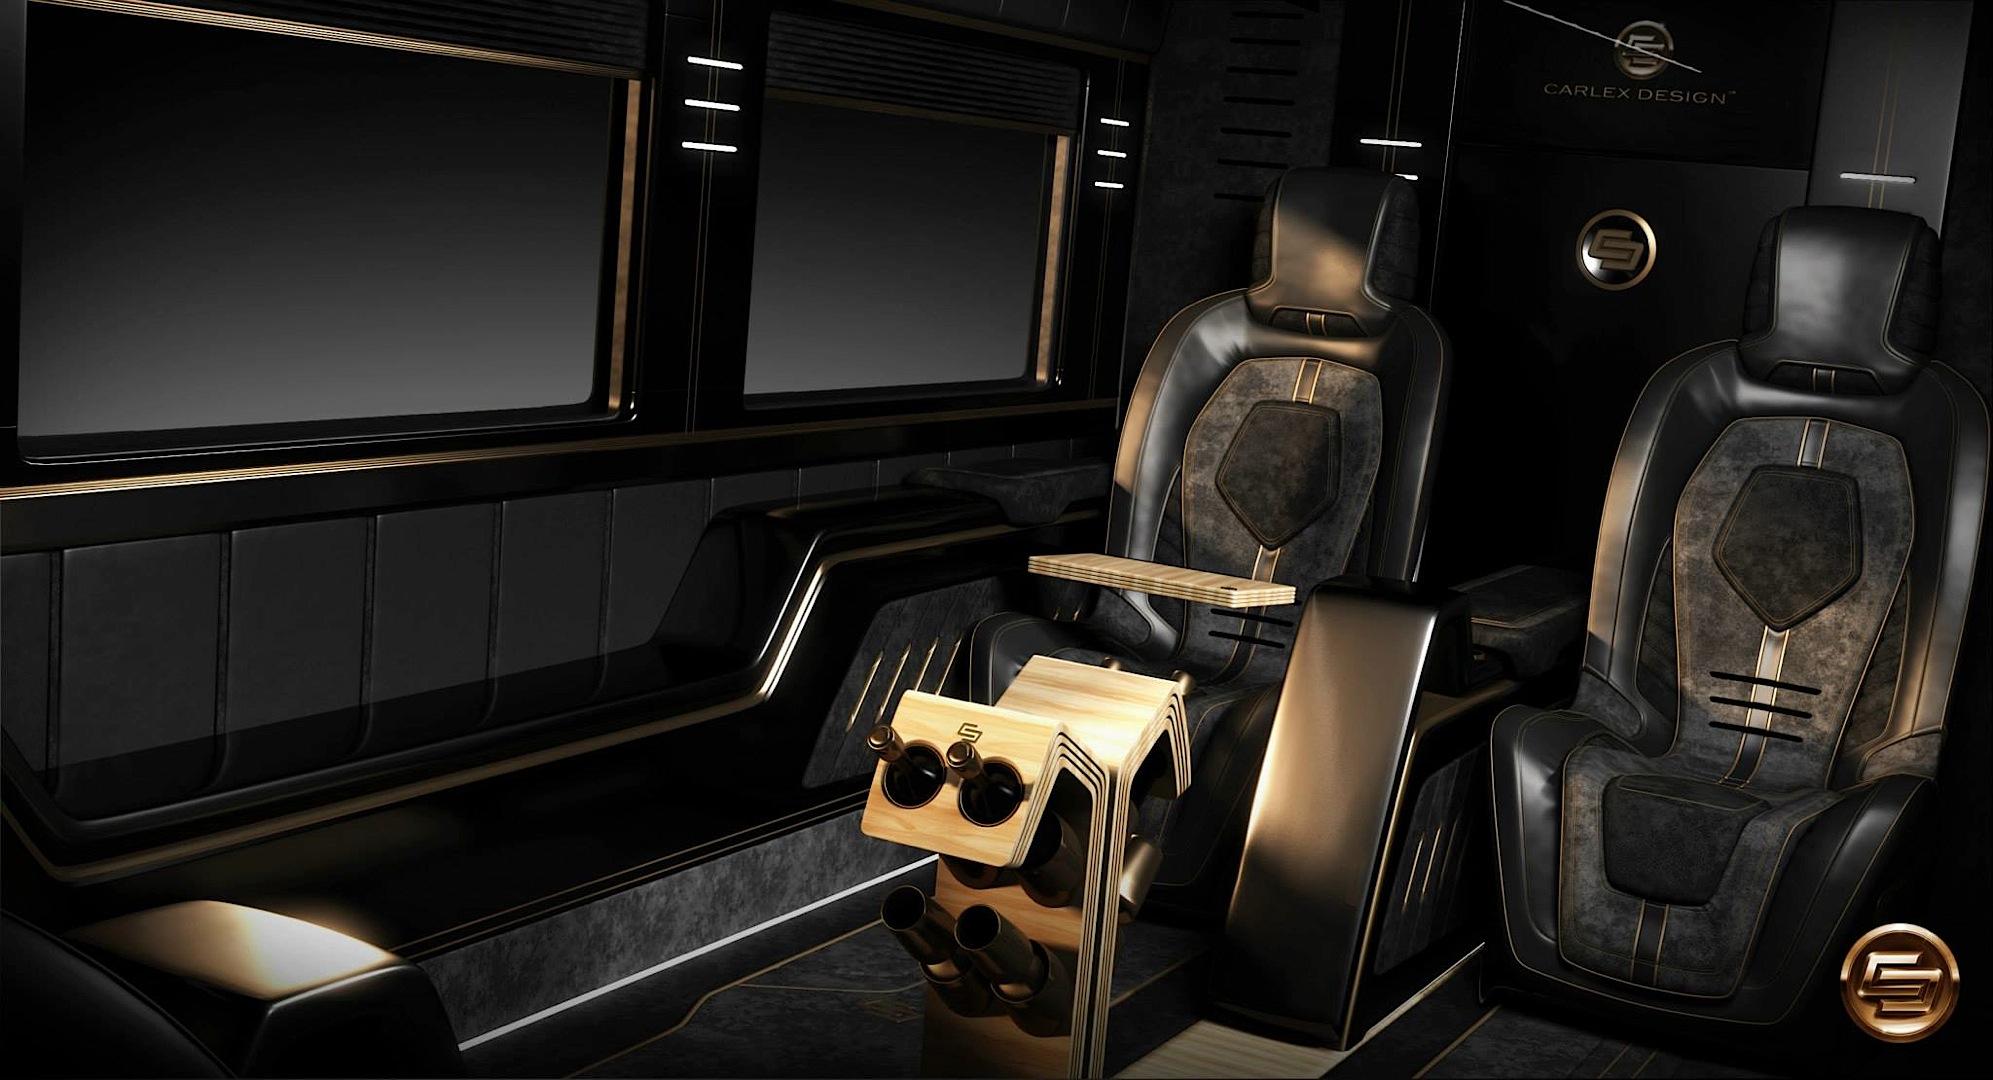 Mercedes Camper Van >> Opulent Mercedes-Benz Sprinter by Carlex Design [Photo Gallery] - autoevolution